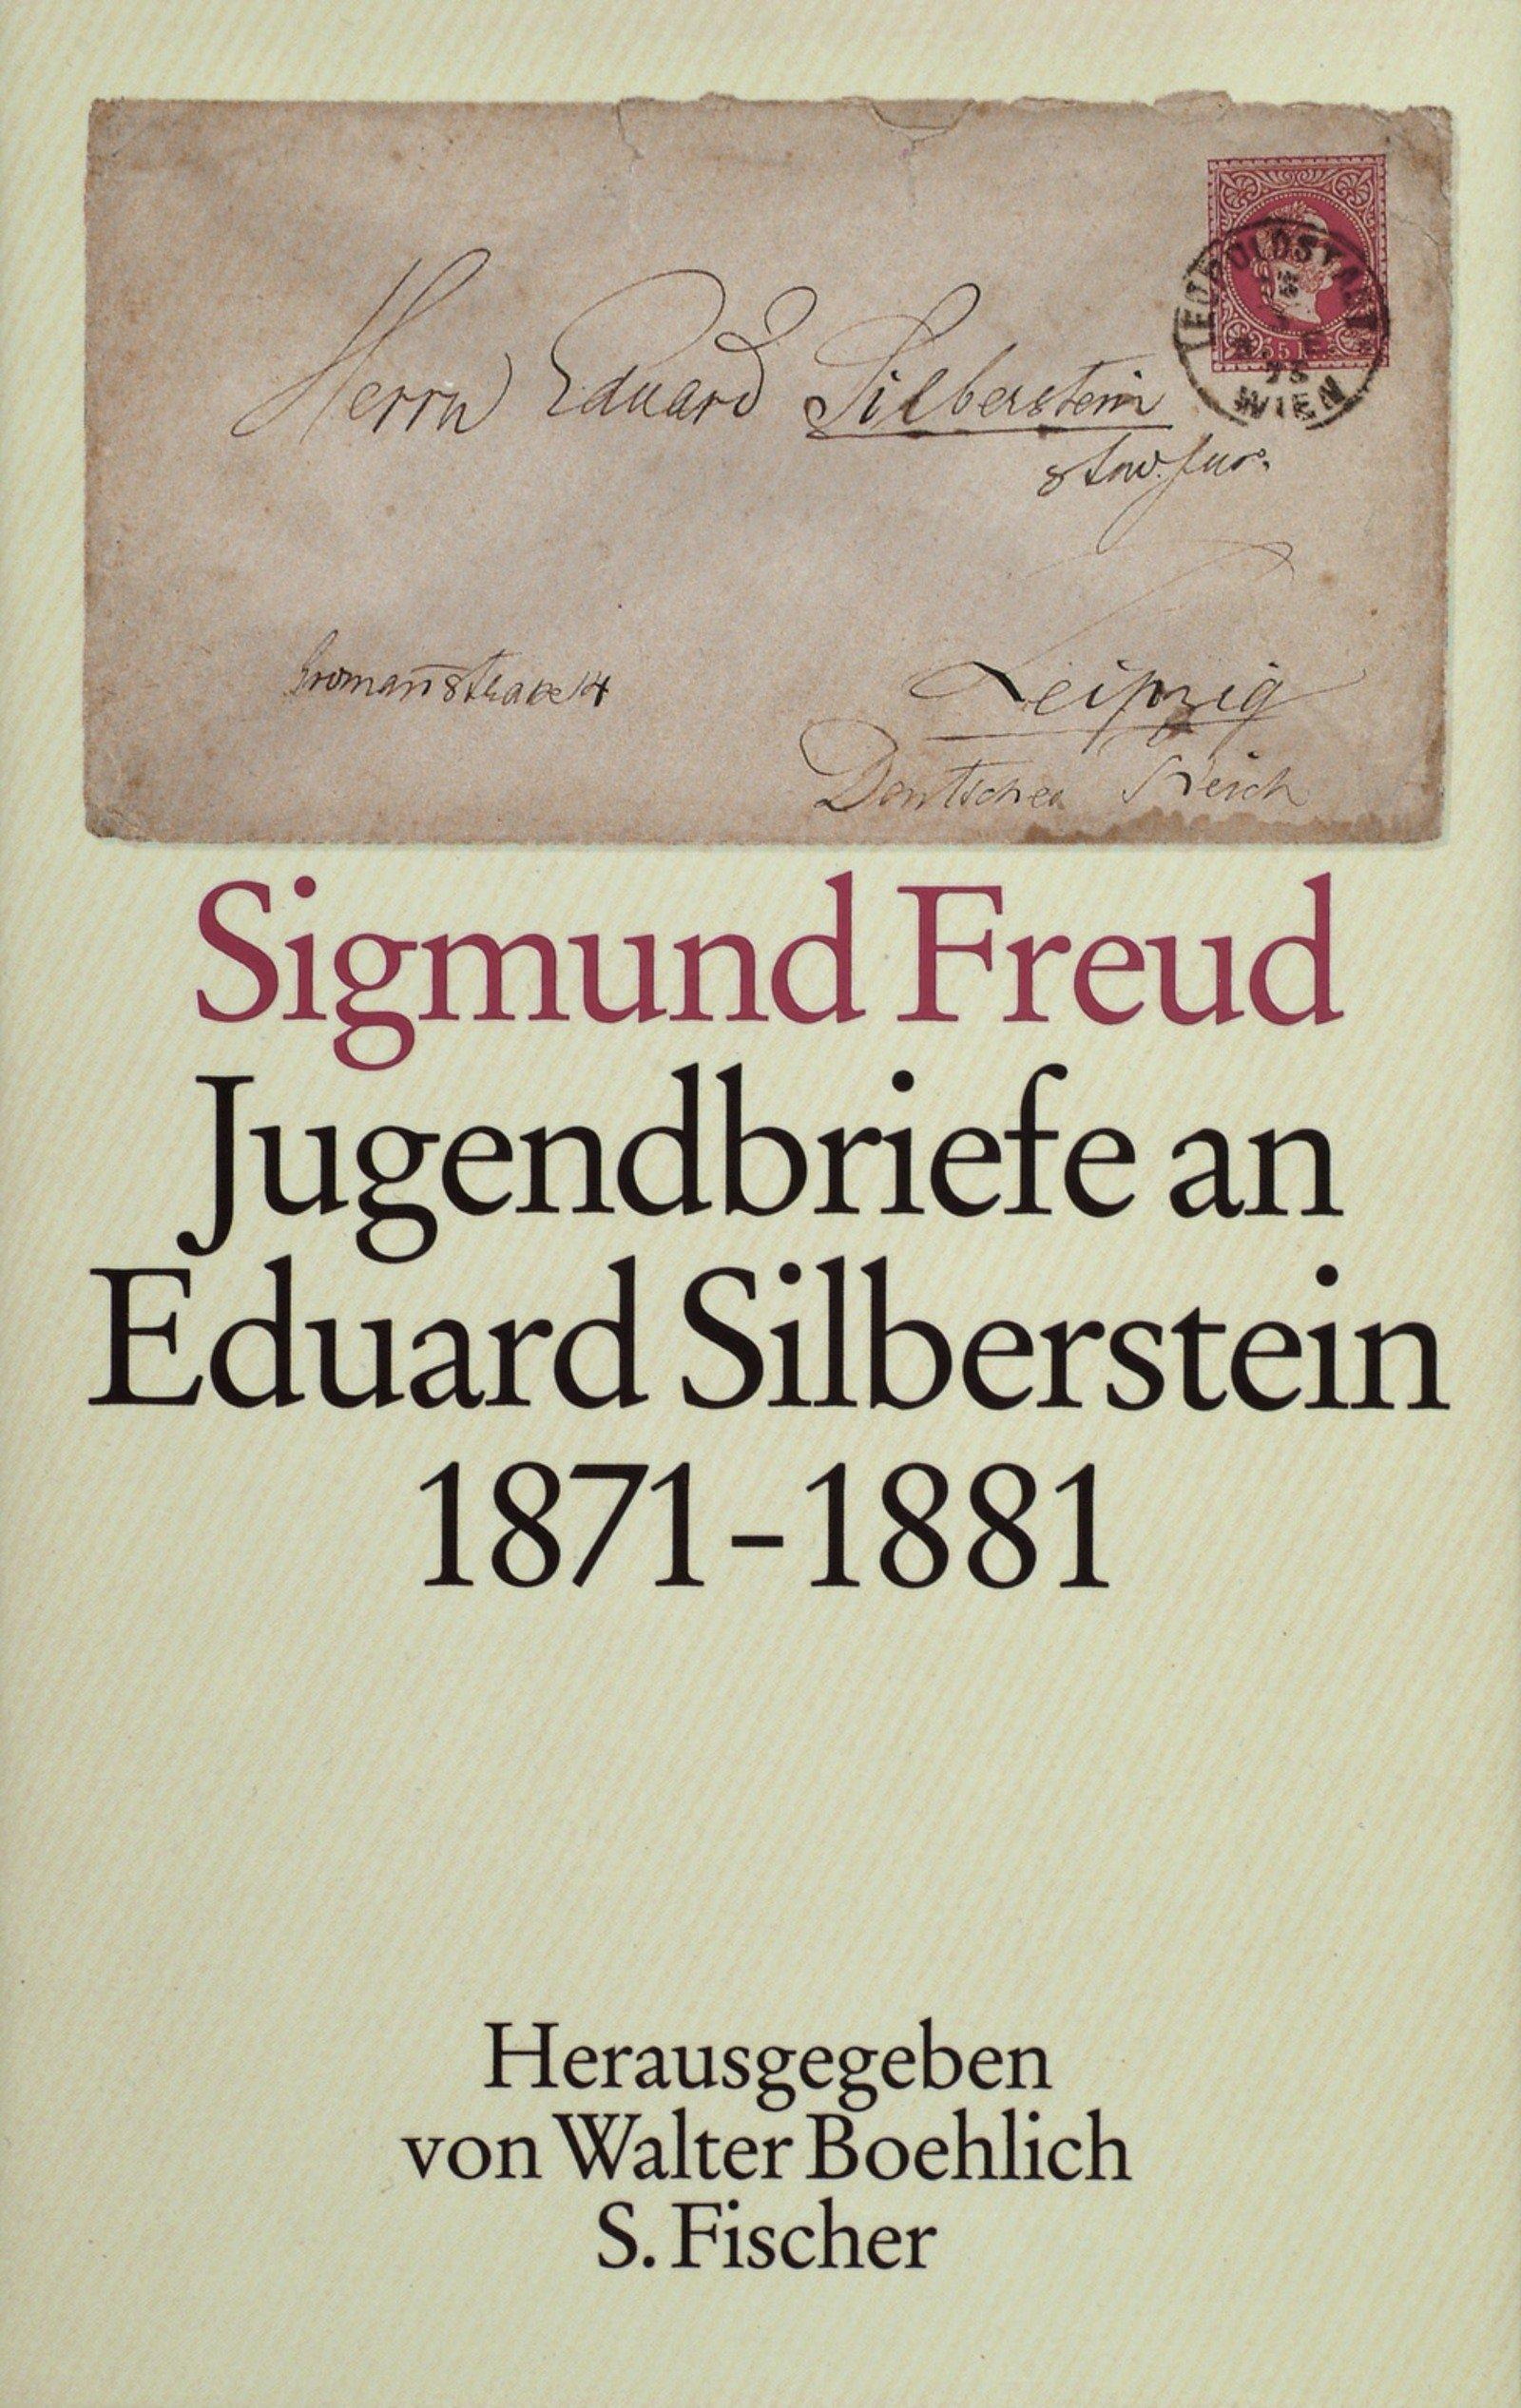 Jugendbriefe an Eduard Silberstein 1871-1881